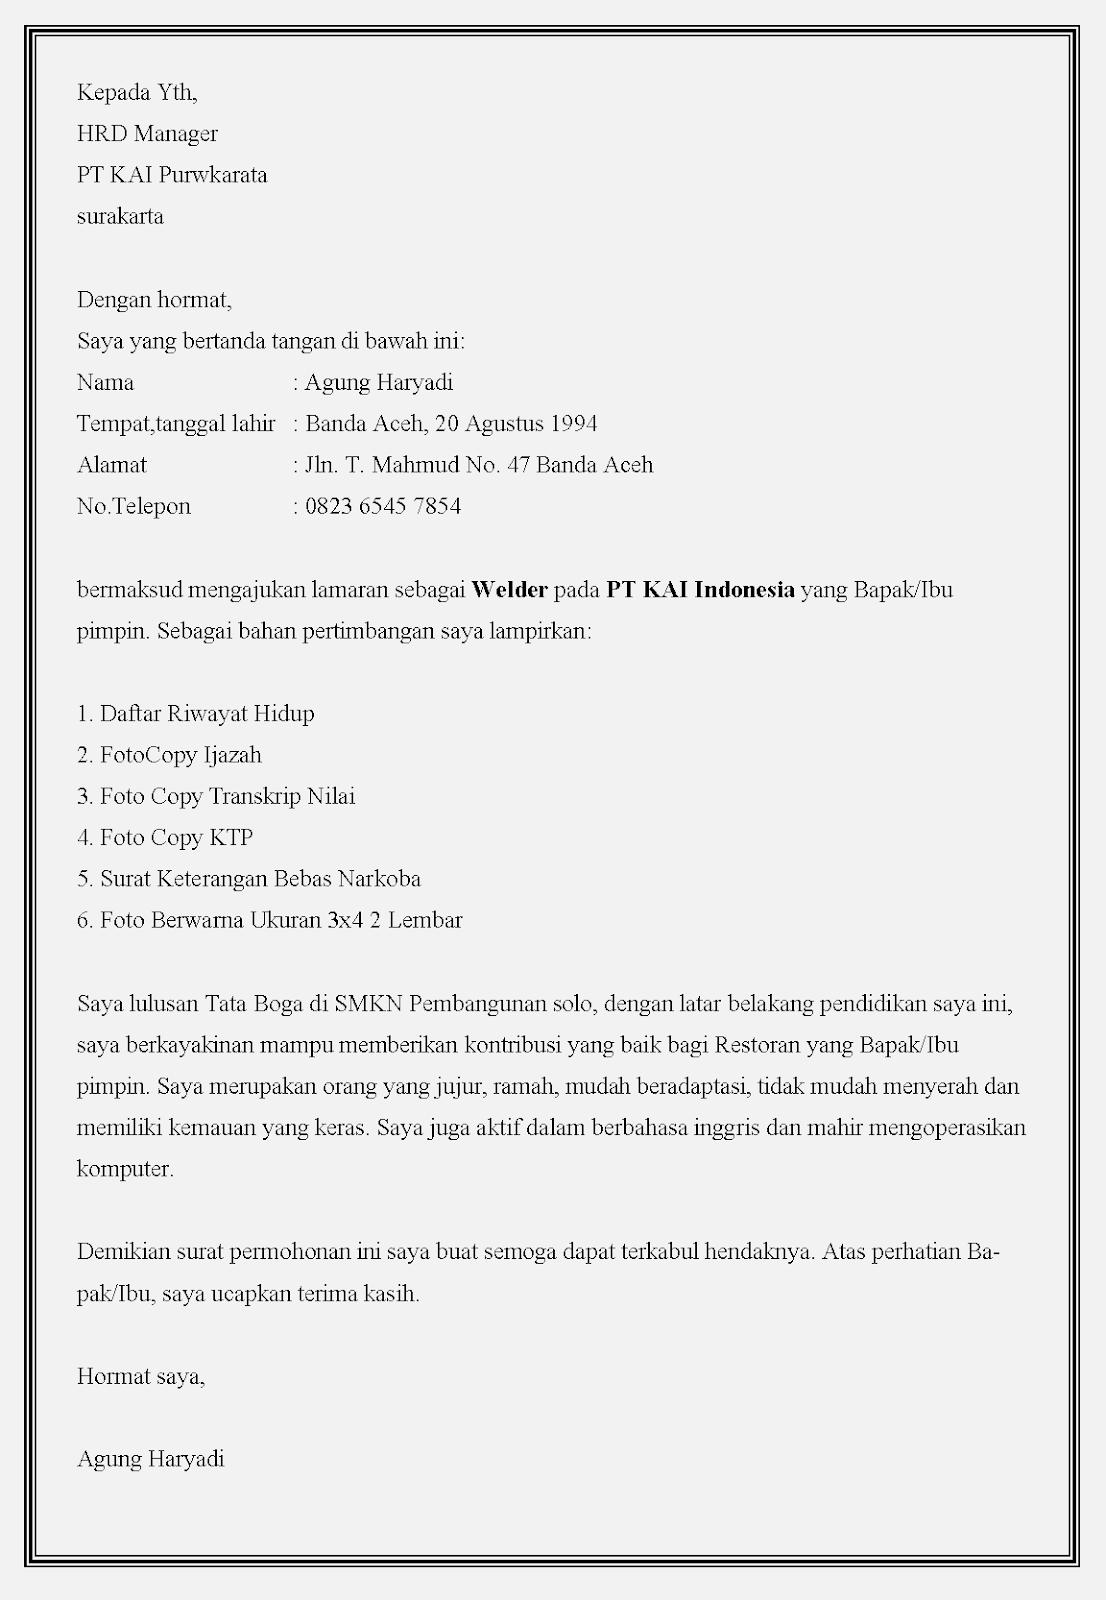 Contoh surat lamaran kerja bumn PT KAI